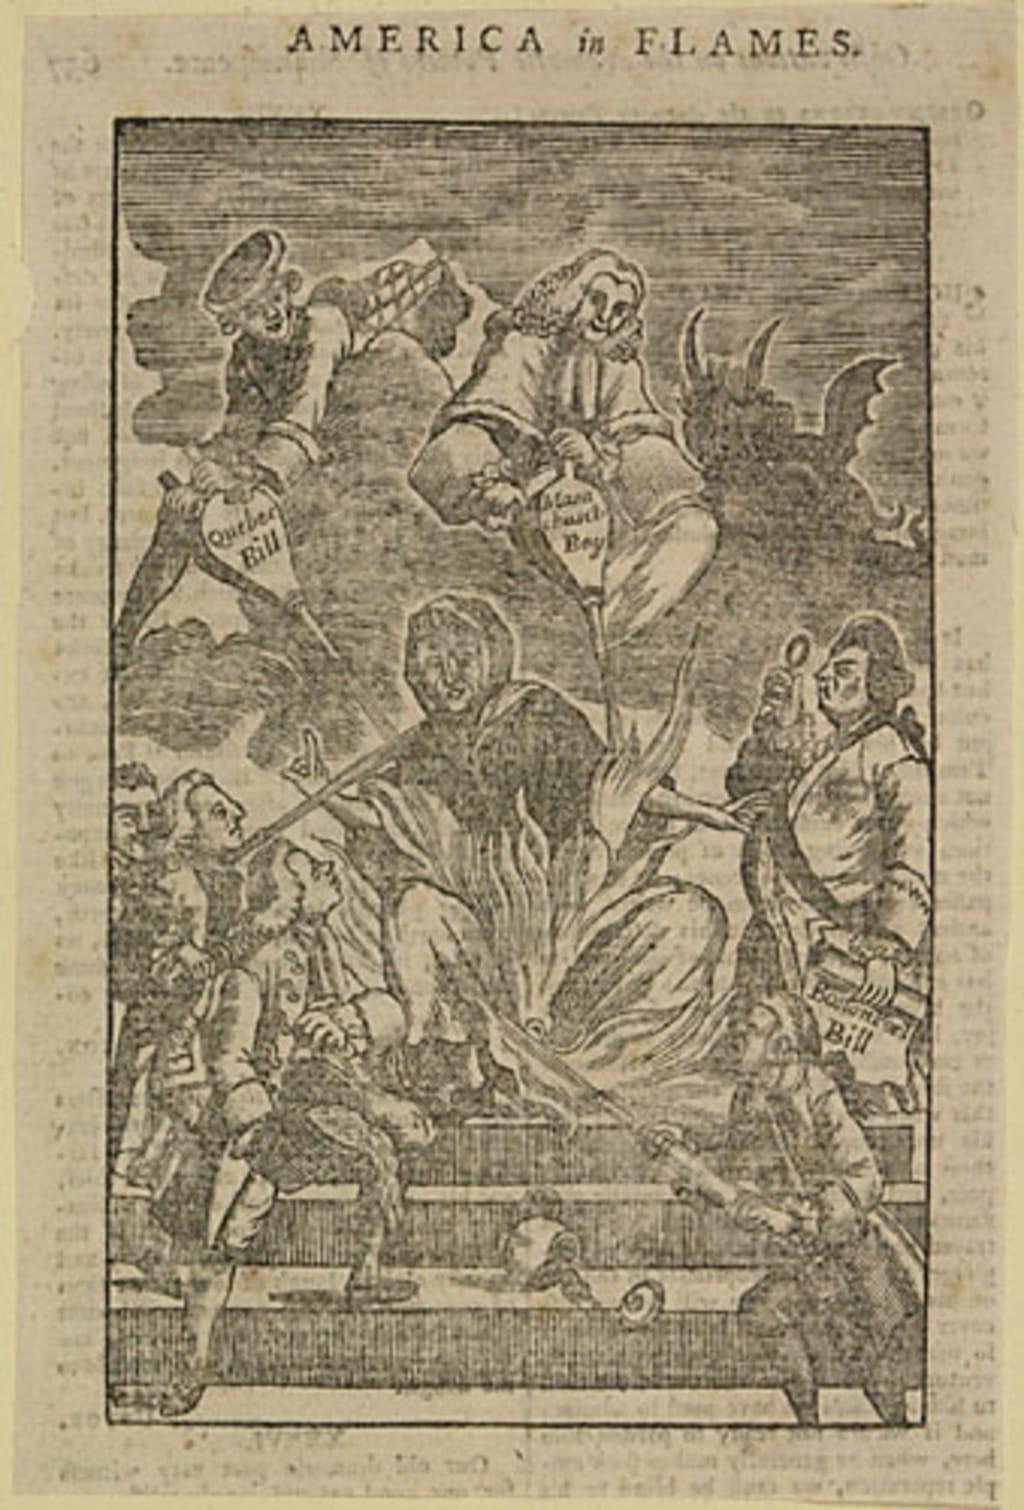 L'Amérique en flammes, extrait du Town and Country Magazine, vol. VI